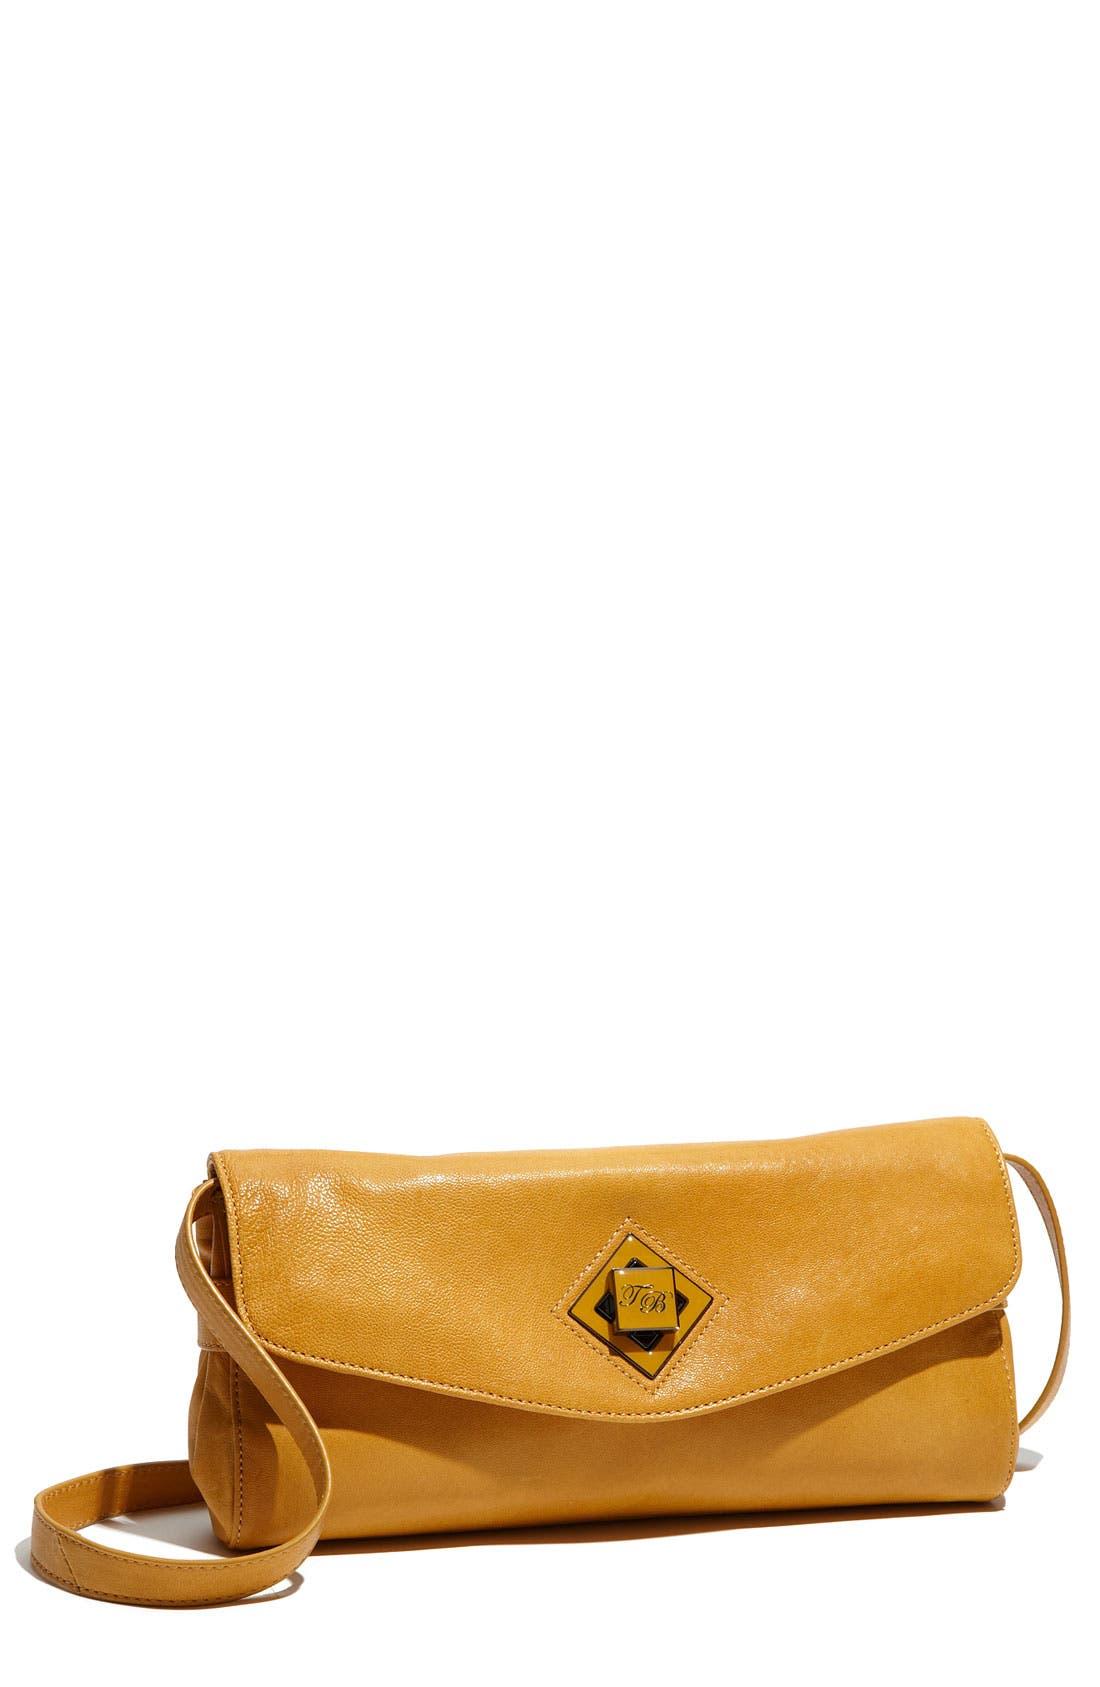 Logo Twistlock Envelope Clutch,                         Main,                         color, Mustard